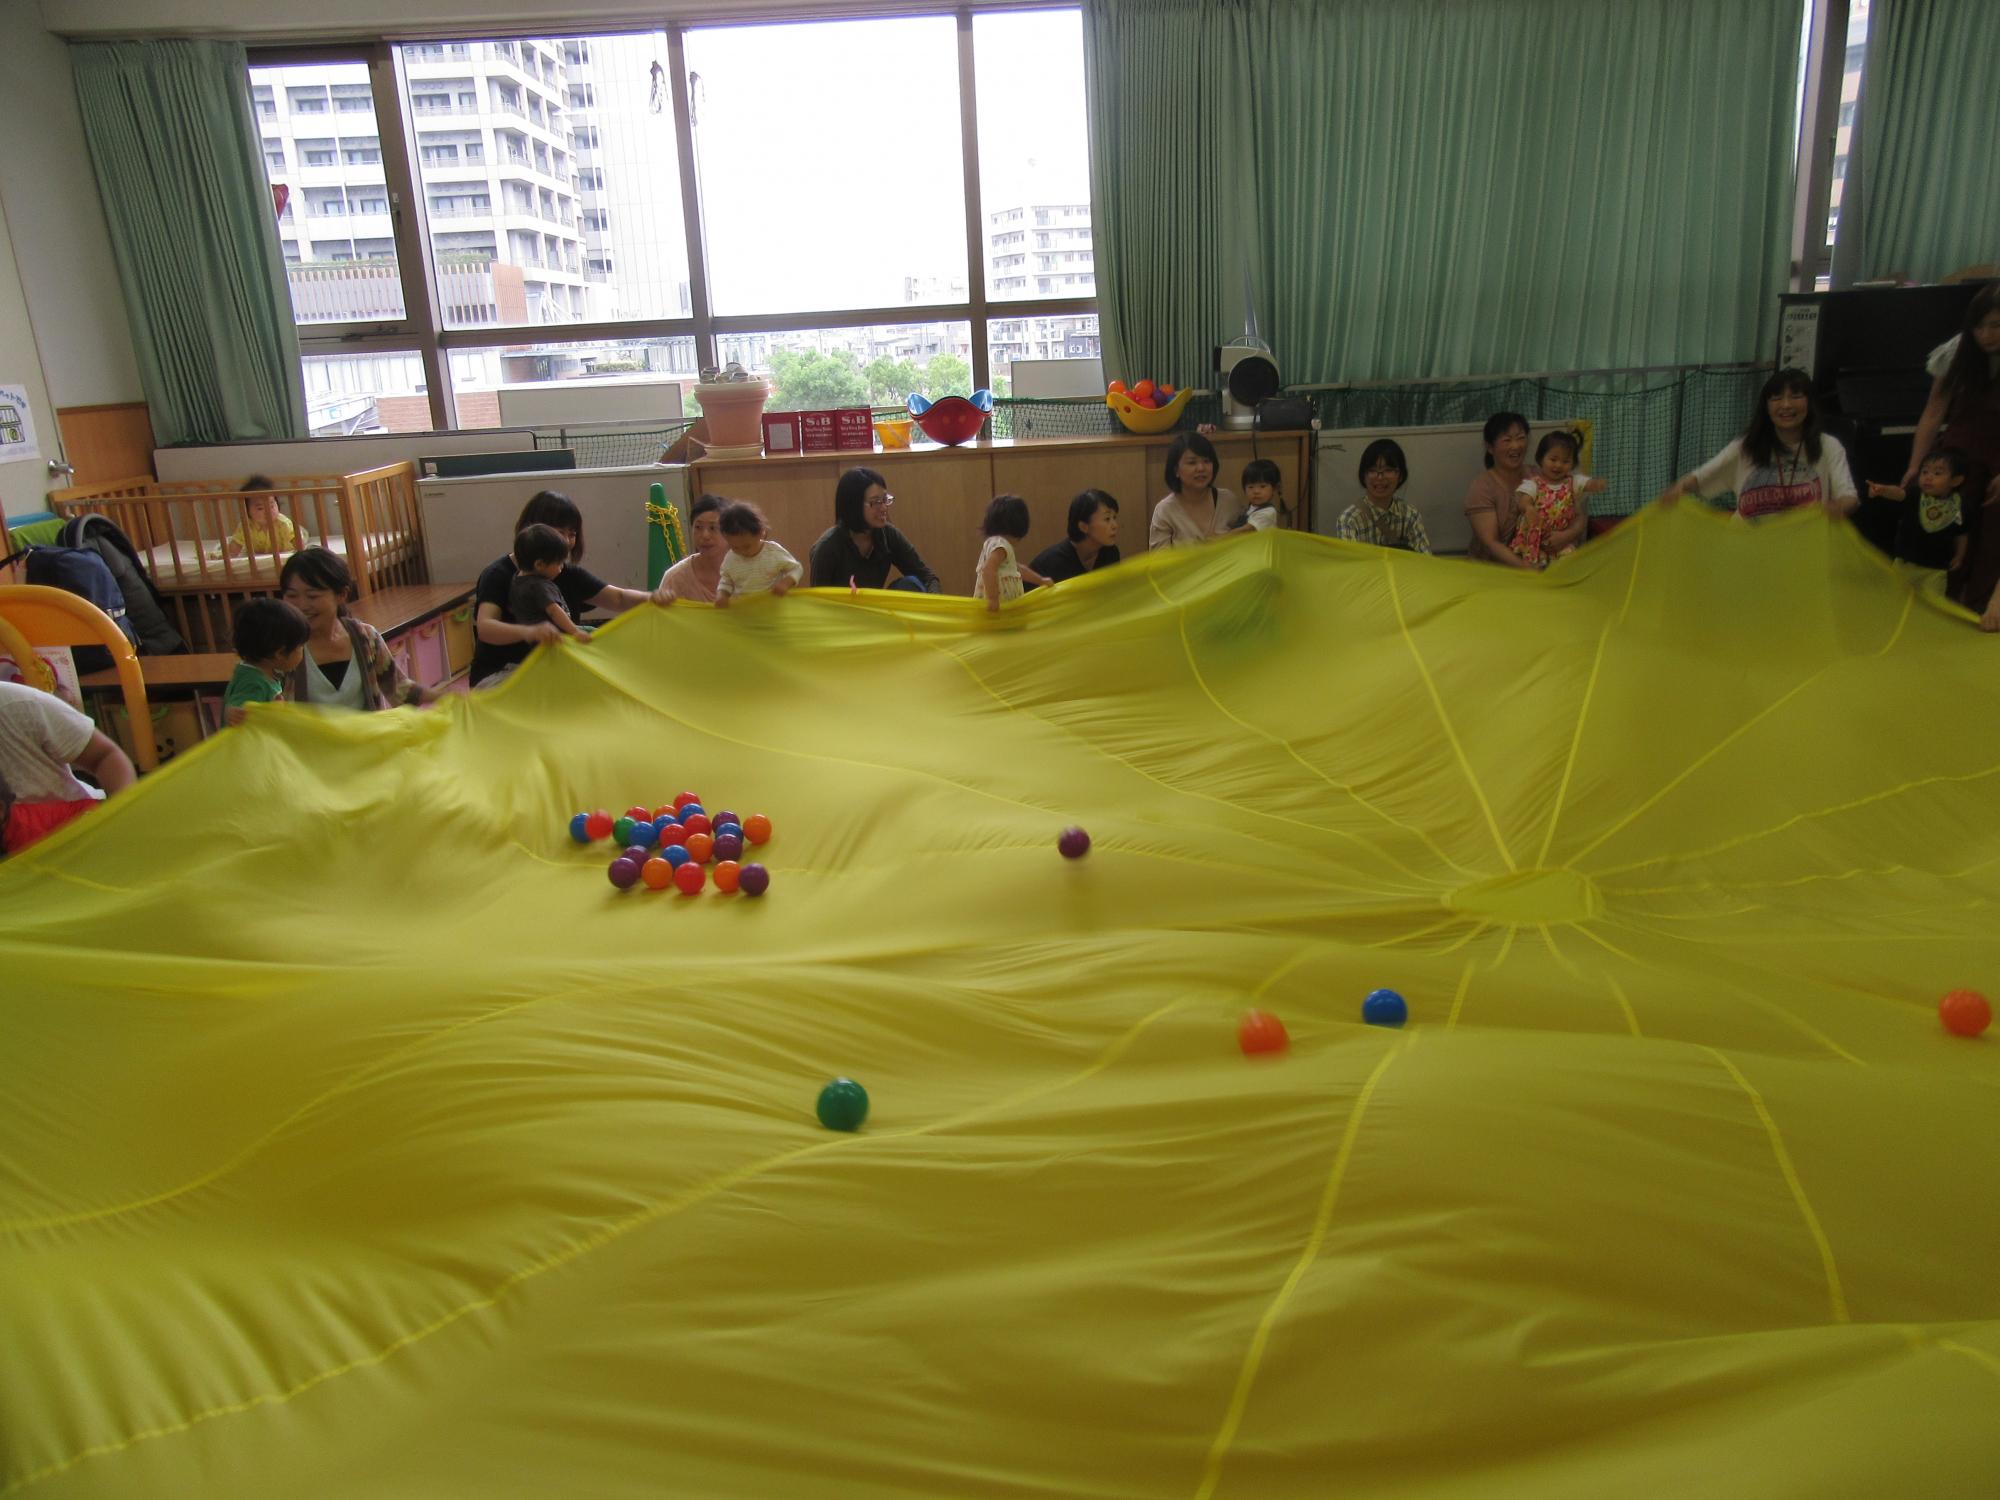 神戸市立六甲道児童館「今月のそよかぜひろば」